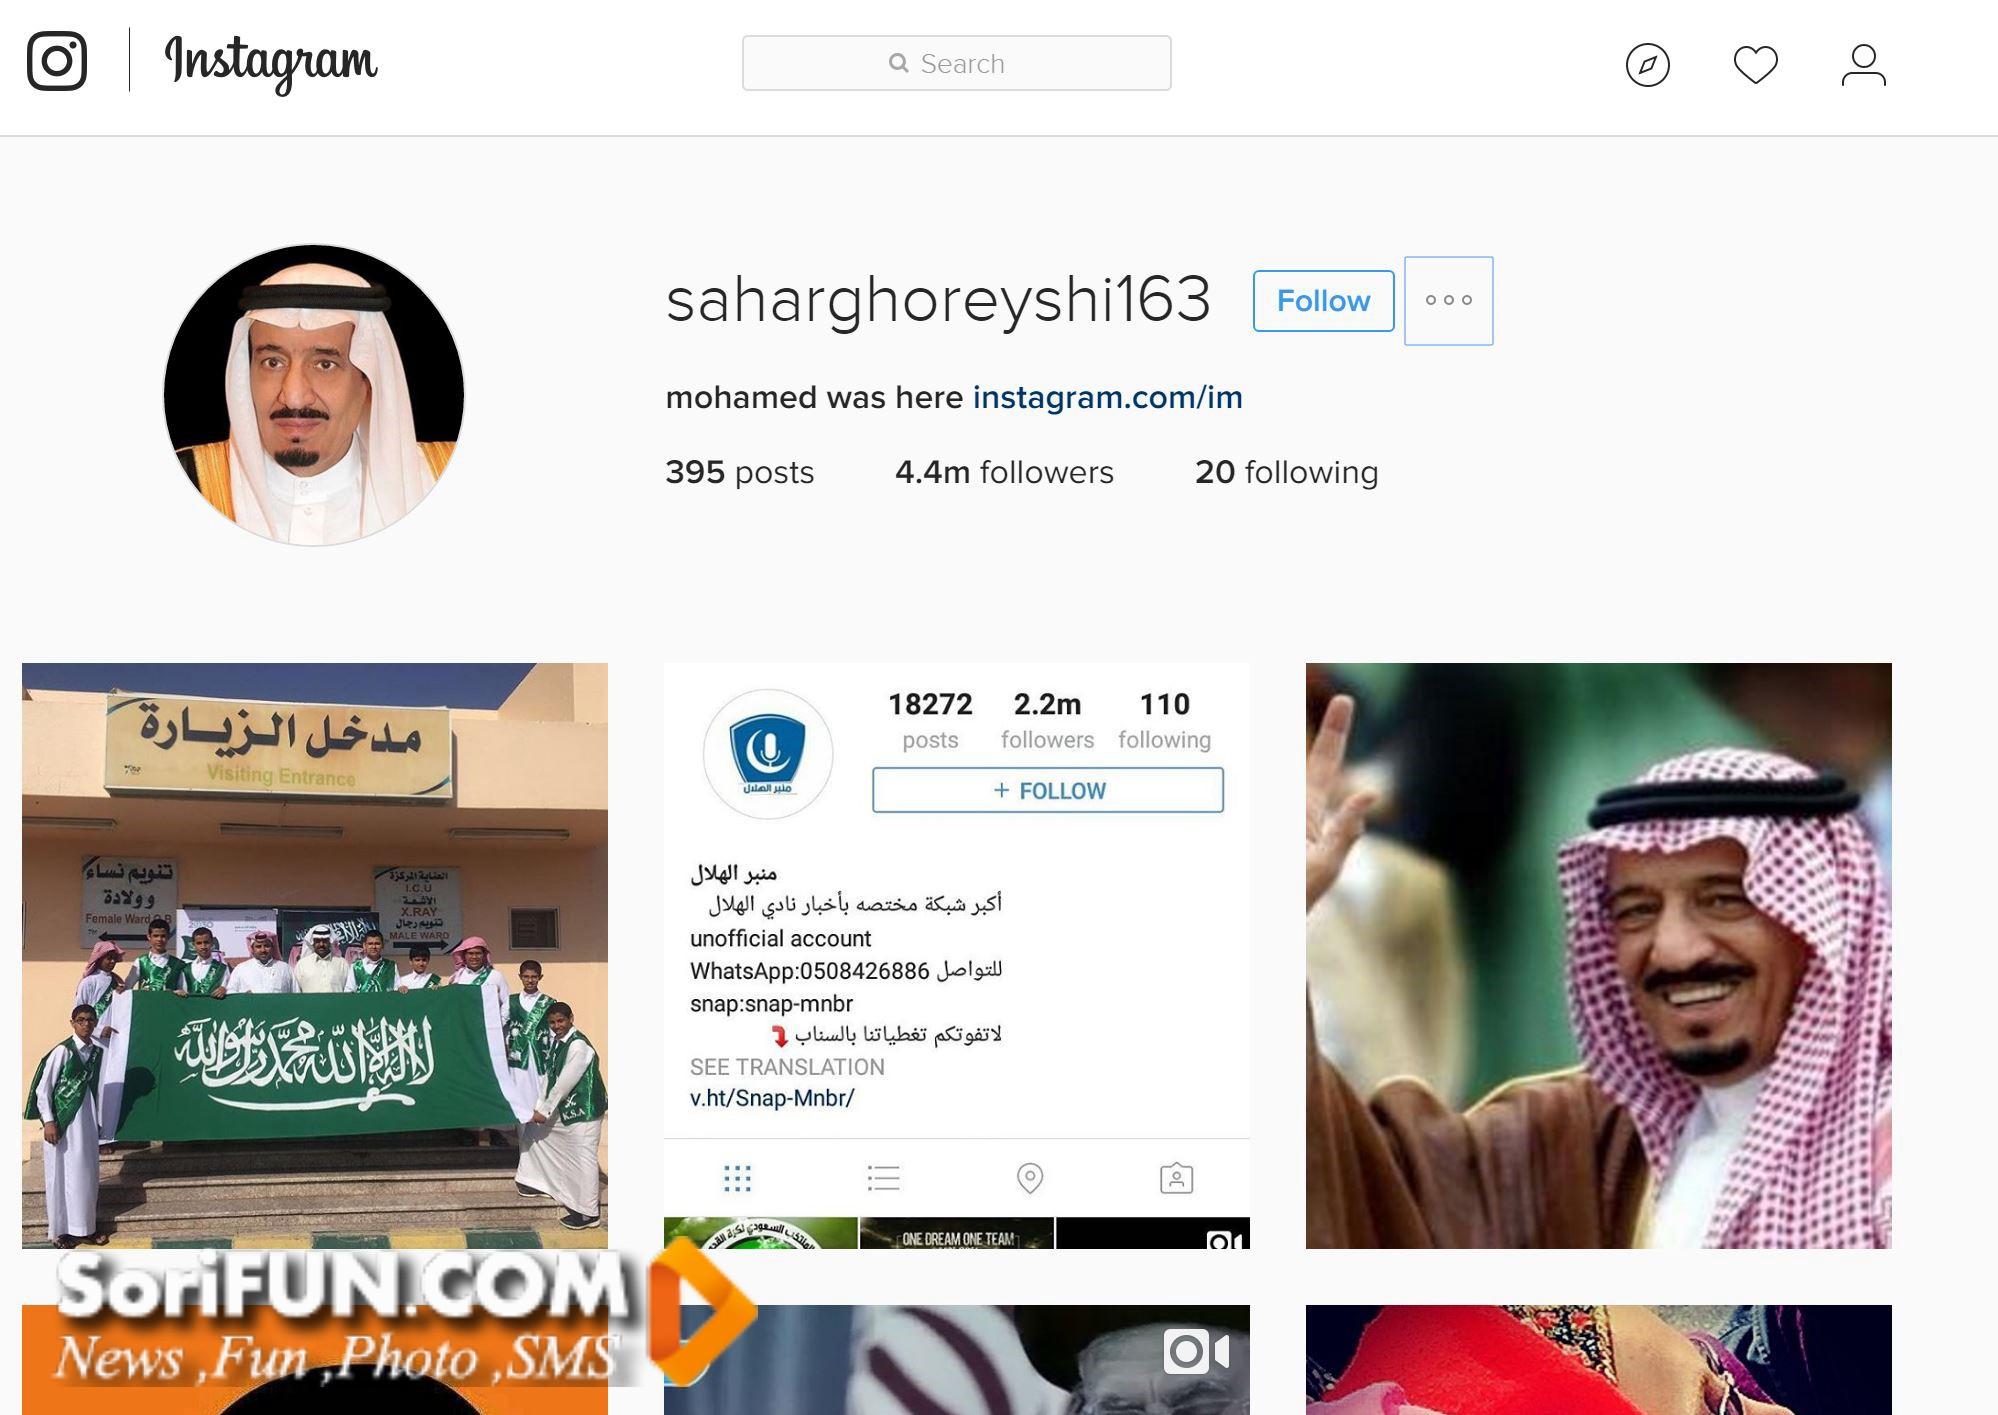 اینستاگرام سحر قریشی توسط هکر سعودی